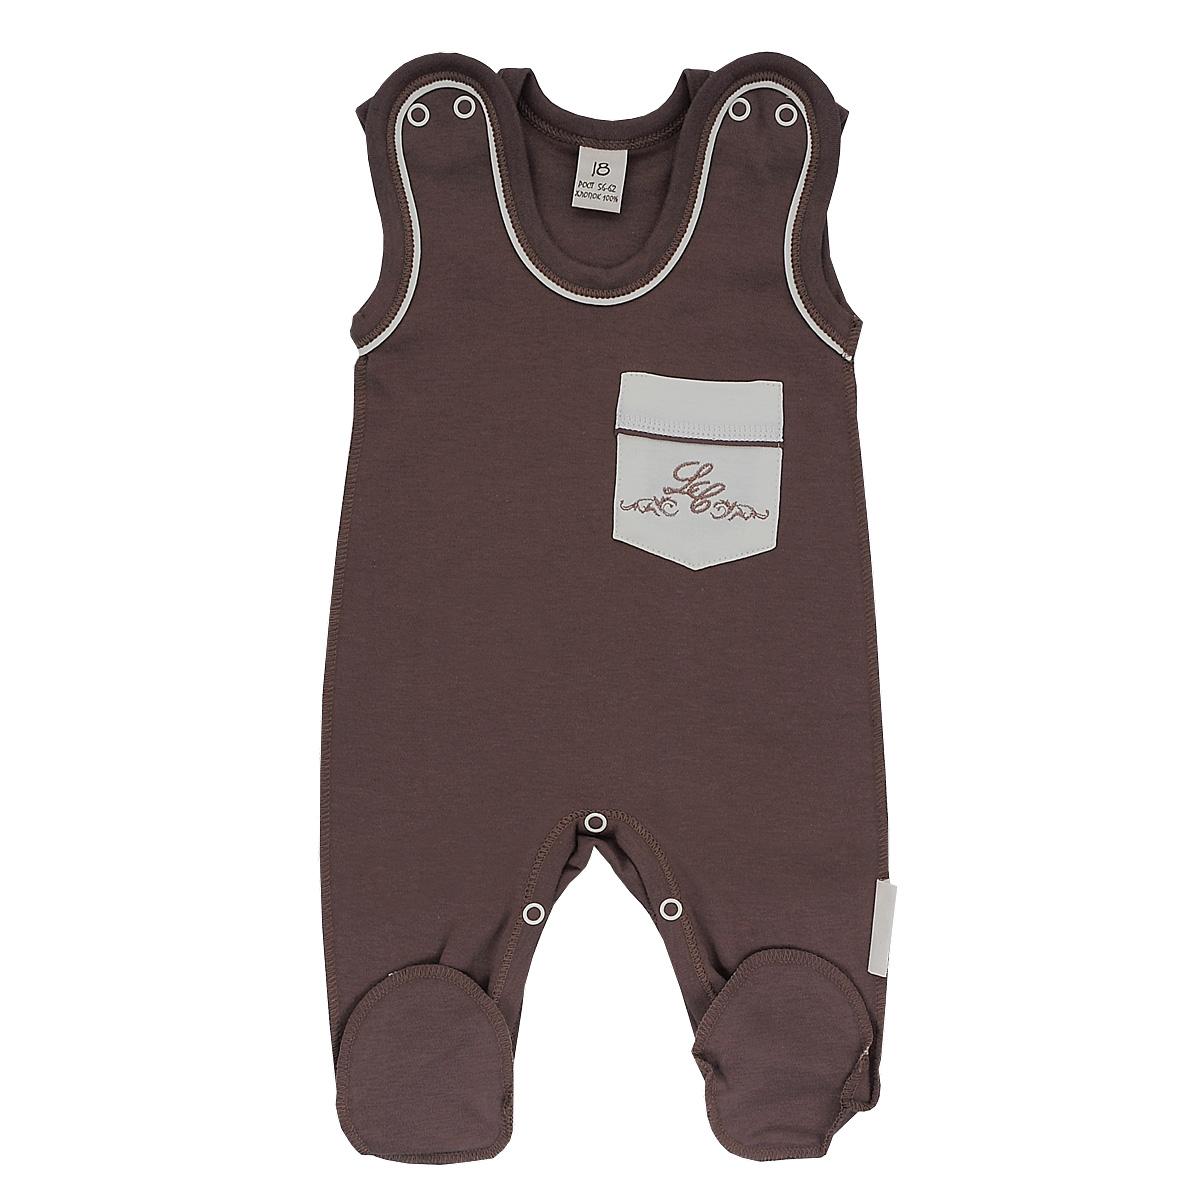 Ползунки20-2Ползунки с грудкой для мальчика Lucky Child - очень удобный и практичный вид одежды для малышей. Они отлично сочетаются с футболками и кофточками. Ползунки выполнены из натурального хлопка, благодаря чему они необычайно мягкие и приятные на ощупь, не раздражают нежную кожу ребенка и хорошо вентилируются, а эластичные швы приятны телу малыша и не препятствуют его движениям. Ползунки с закрытыми ножками выполнены швами наружу и подходят для ношения с подгузником и без него. Кнопки на плечах и между ножек помогают легко и без труда переодеть кроху или поменять подгузник в течение дня. Спереди они дополнены накладным кармашком, оформленным вышивкой. Ползунки с грудкой полностью соответствуют особенностям жизни малыша в ранний период, не стесняя и не ограничивая его в движениях!